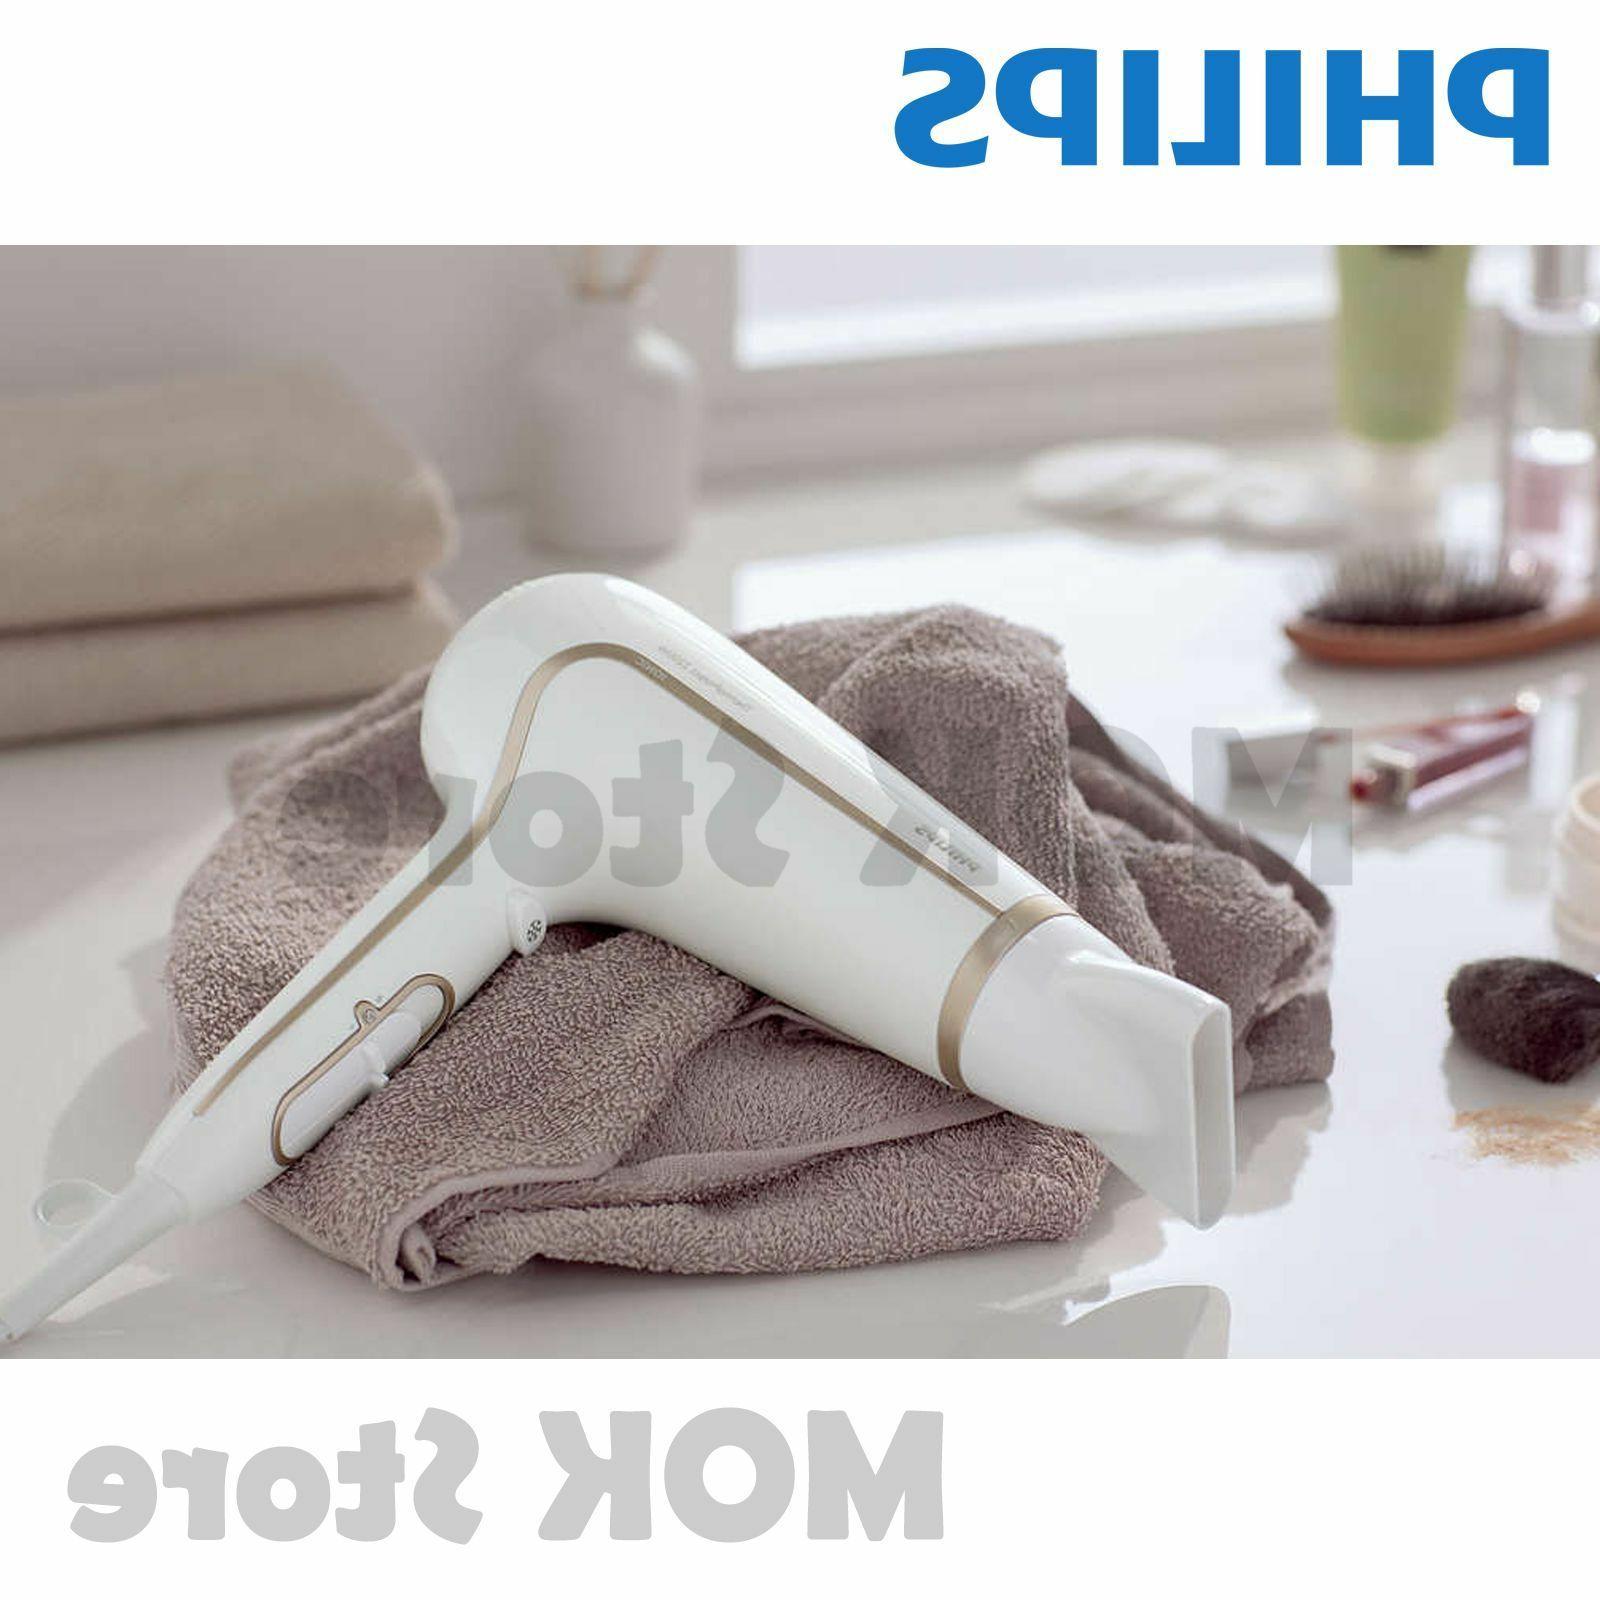 Philips Hair Dryer Ionic Styler 220V 2200W